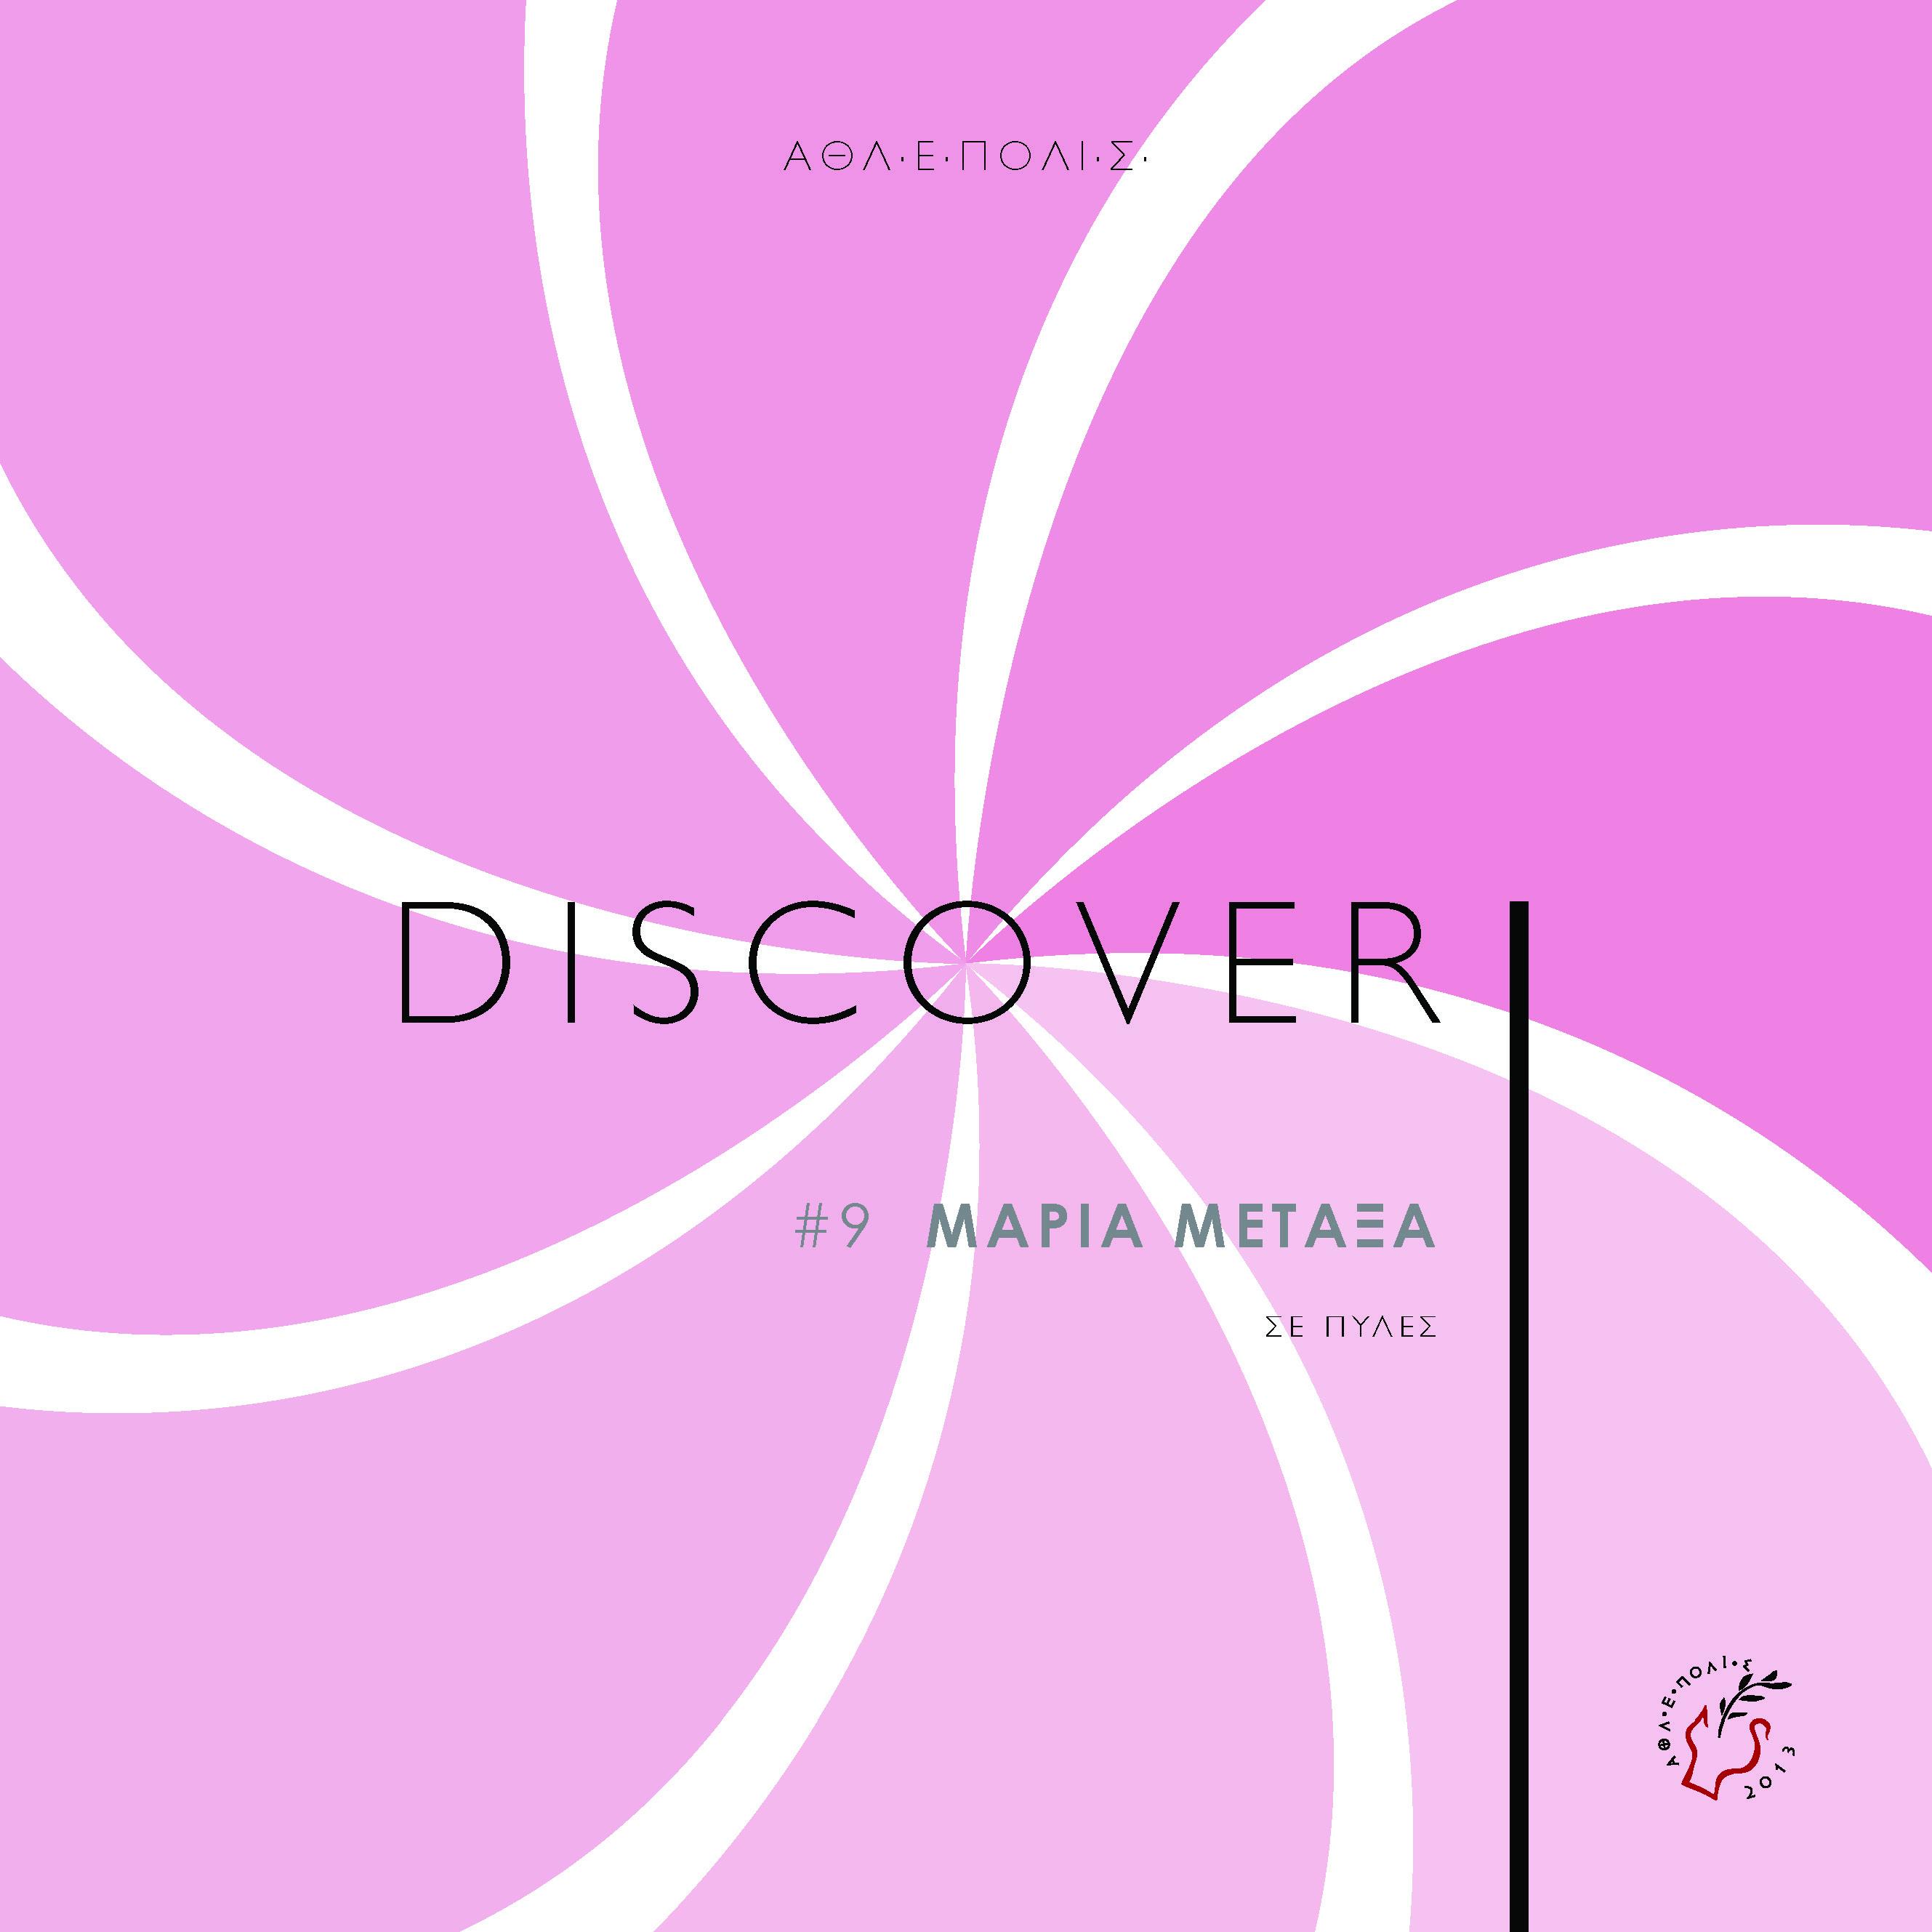 Μαρία Μεταξά • Σε πύλες